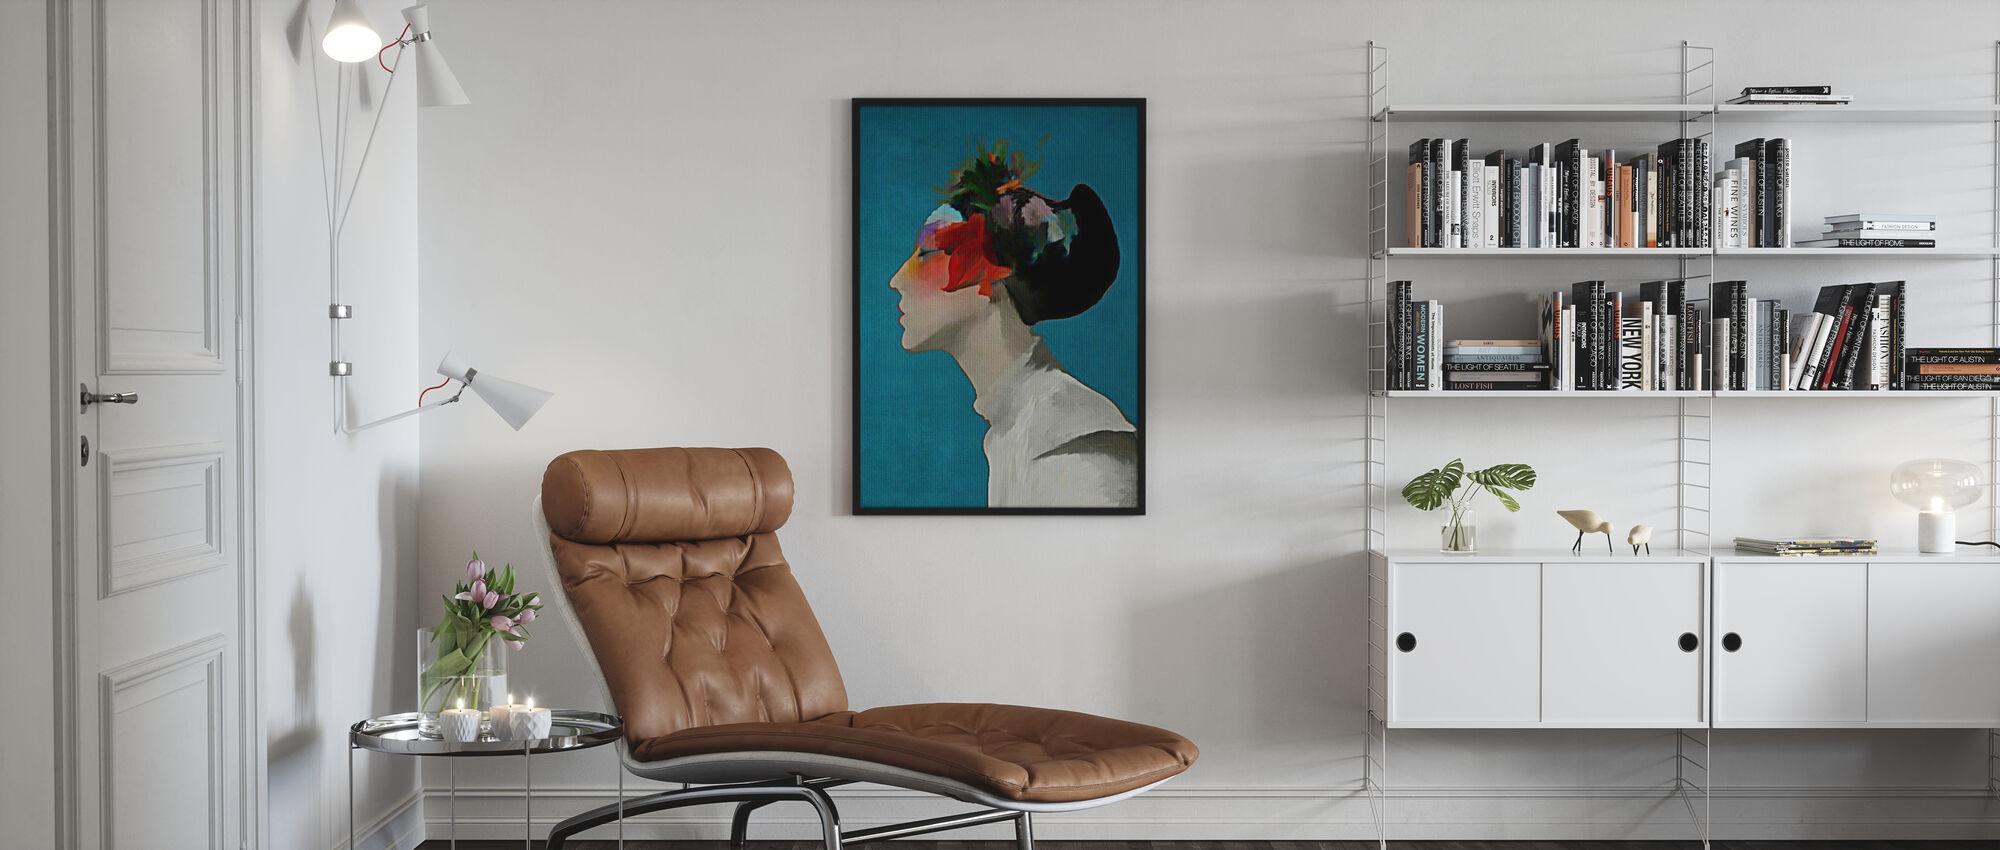 Kimono - Poster - Living Room